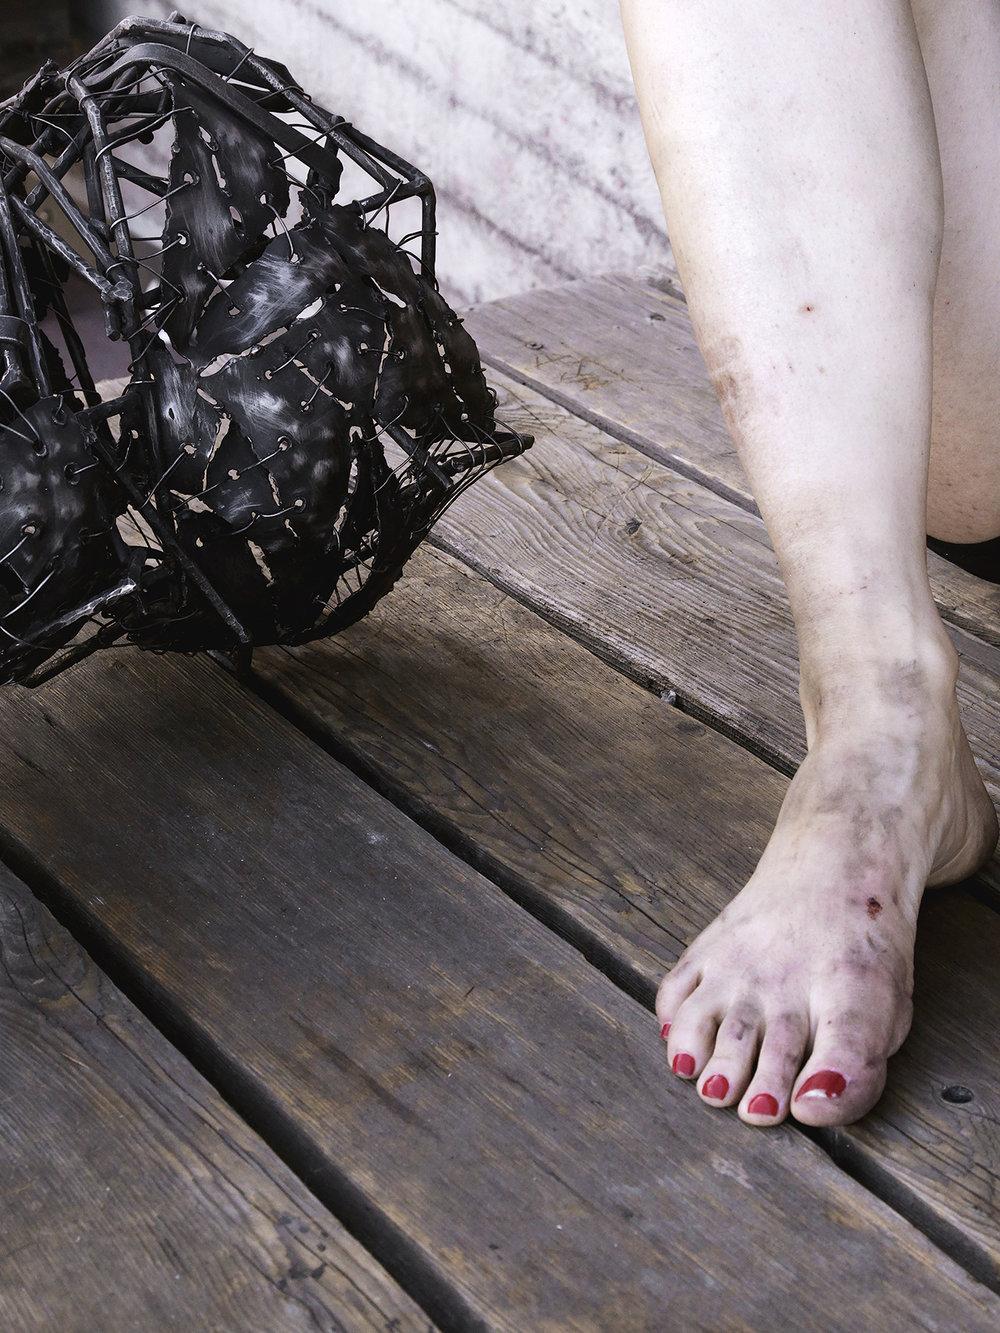 prosthetic3_72dpi.jpg